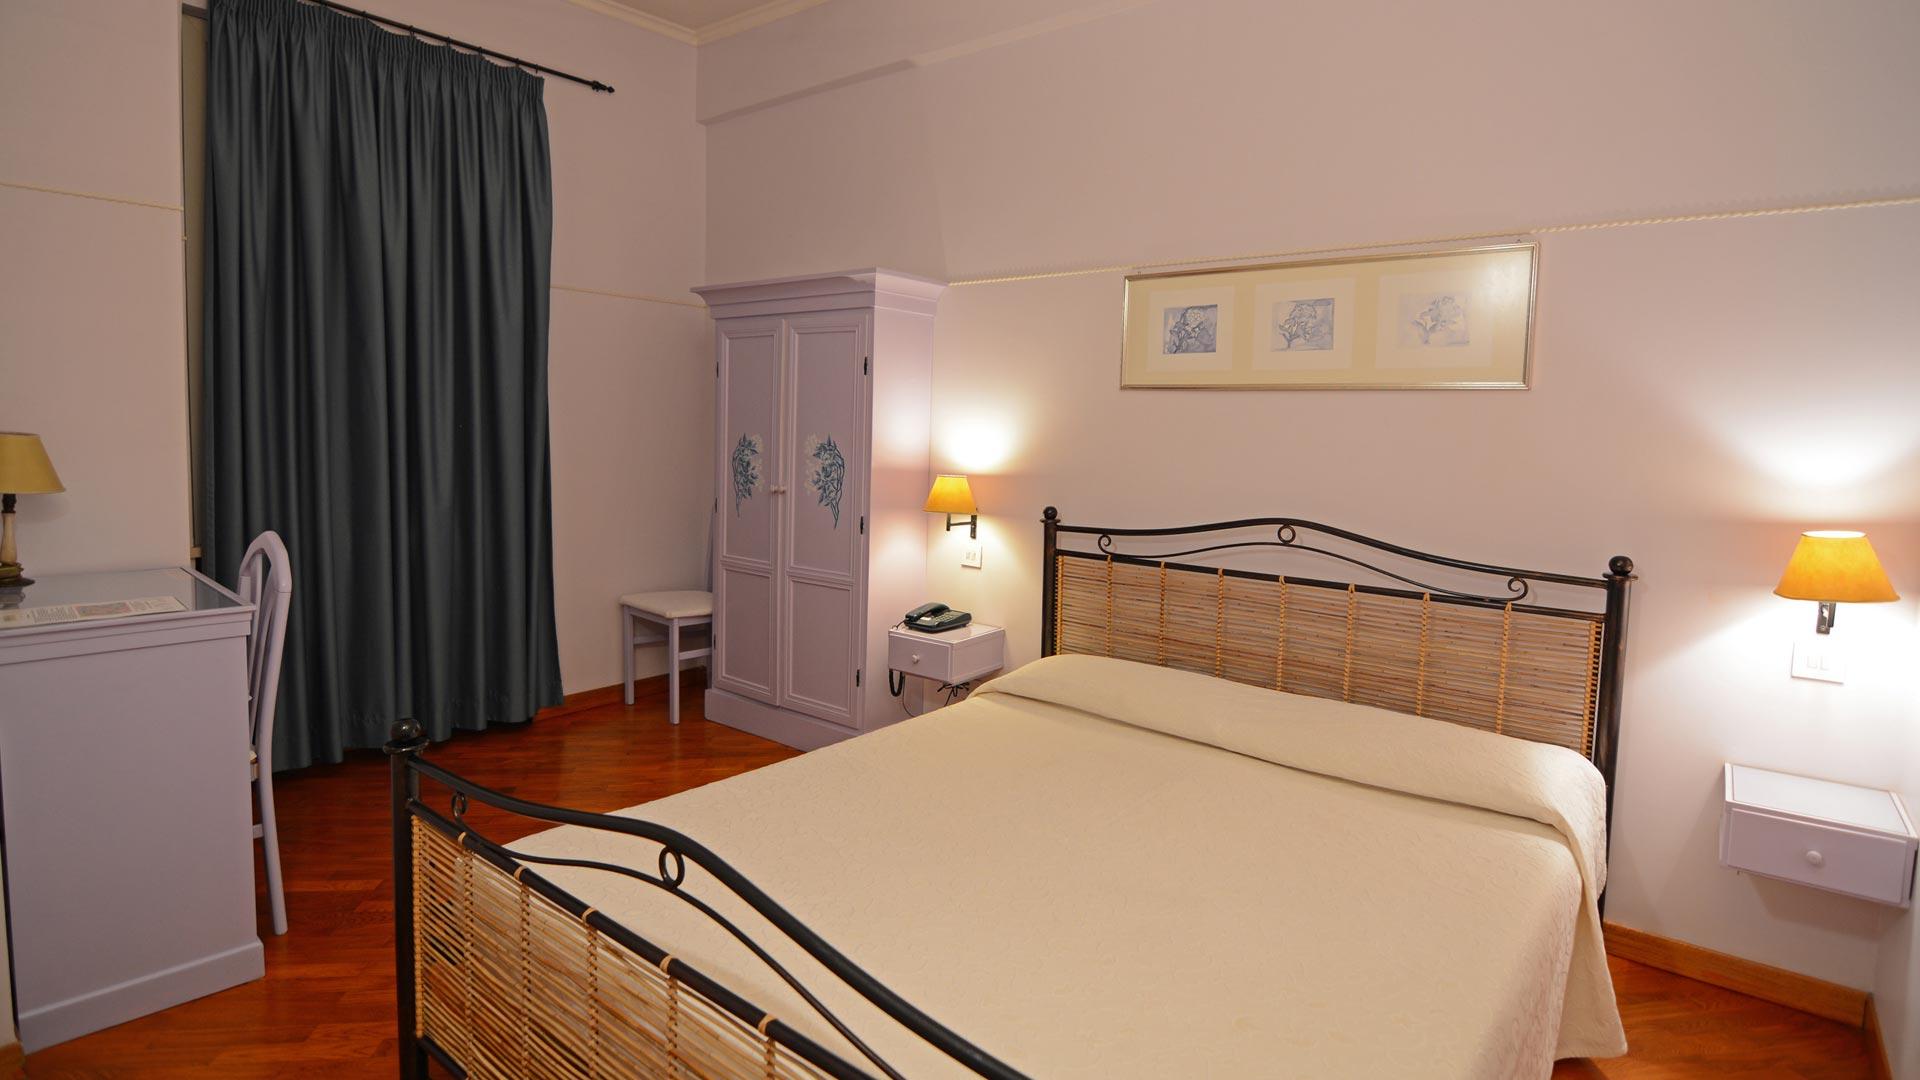 lilium-hotel-roma-31b